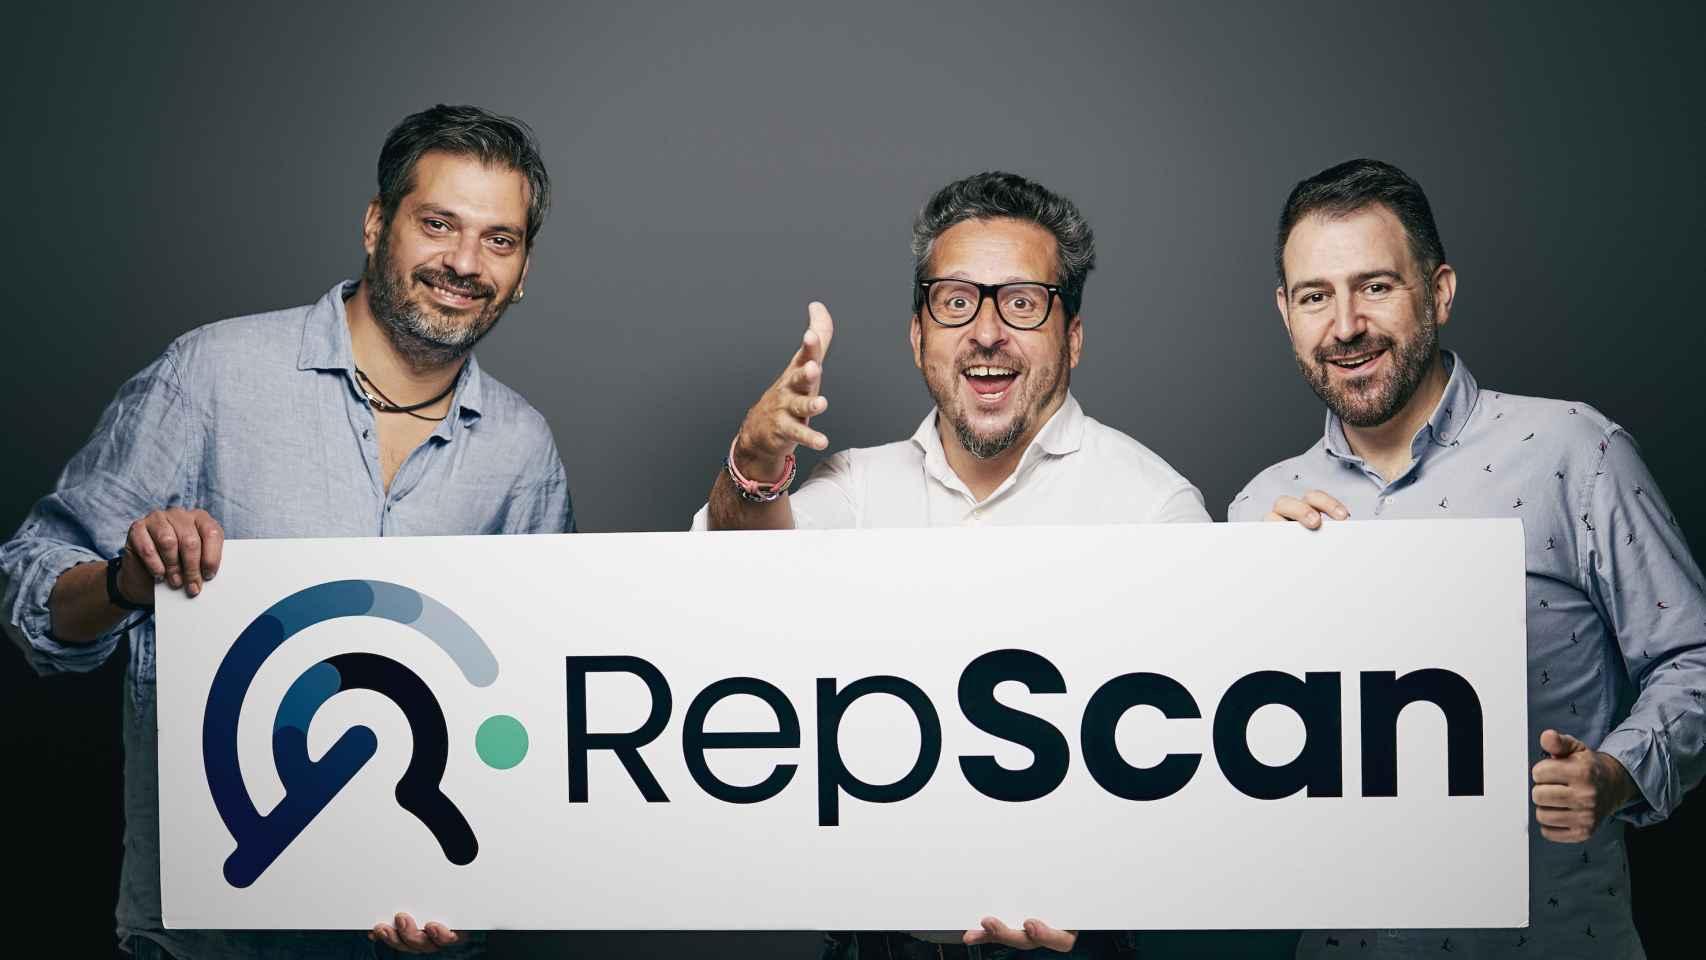 De izquierda a derecha son: Coque Moreno, Josep Coll y Alejandro Castellano, fundadores de RepScan.